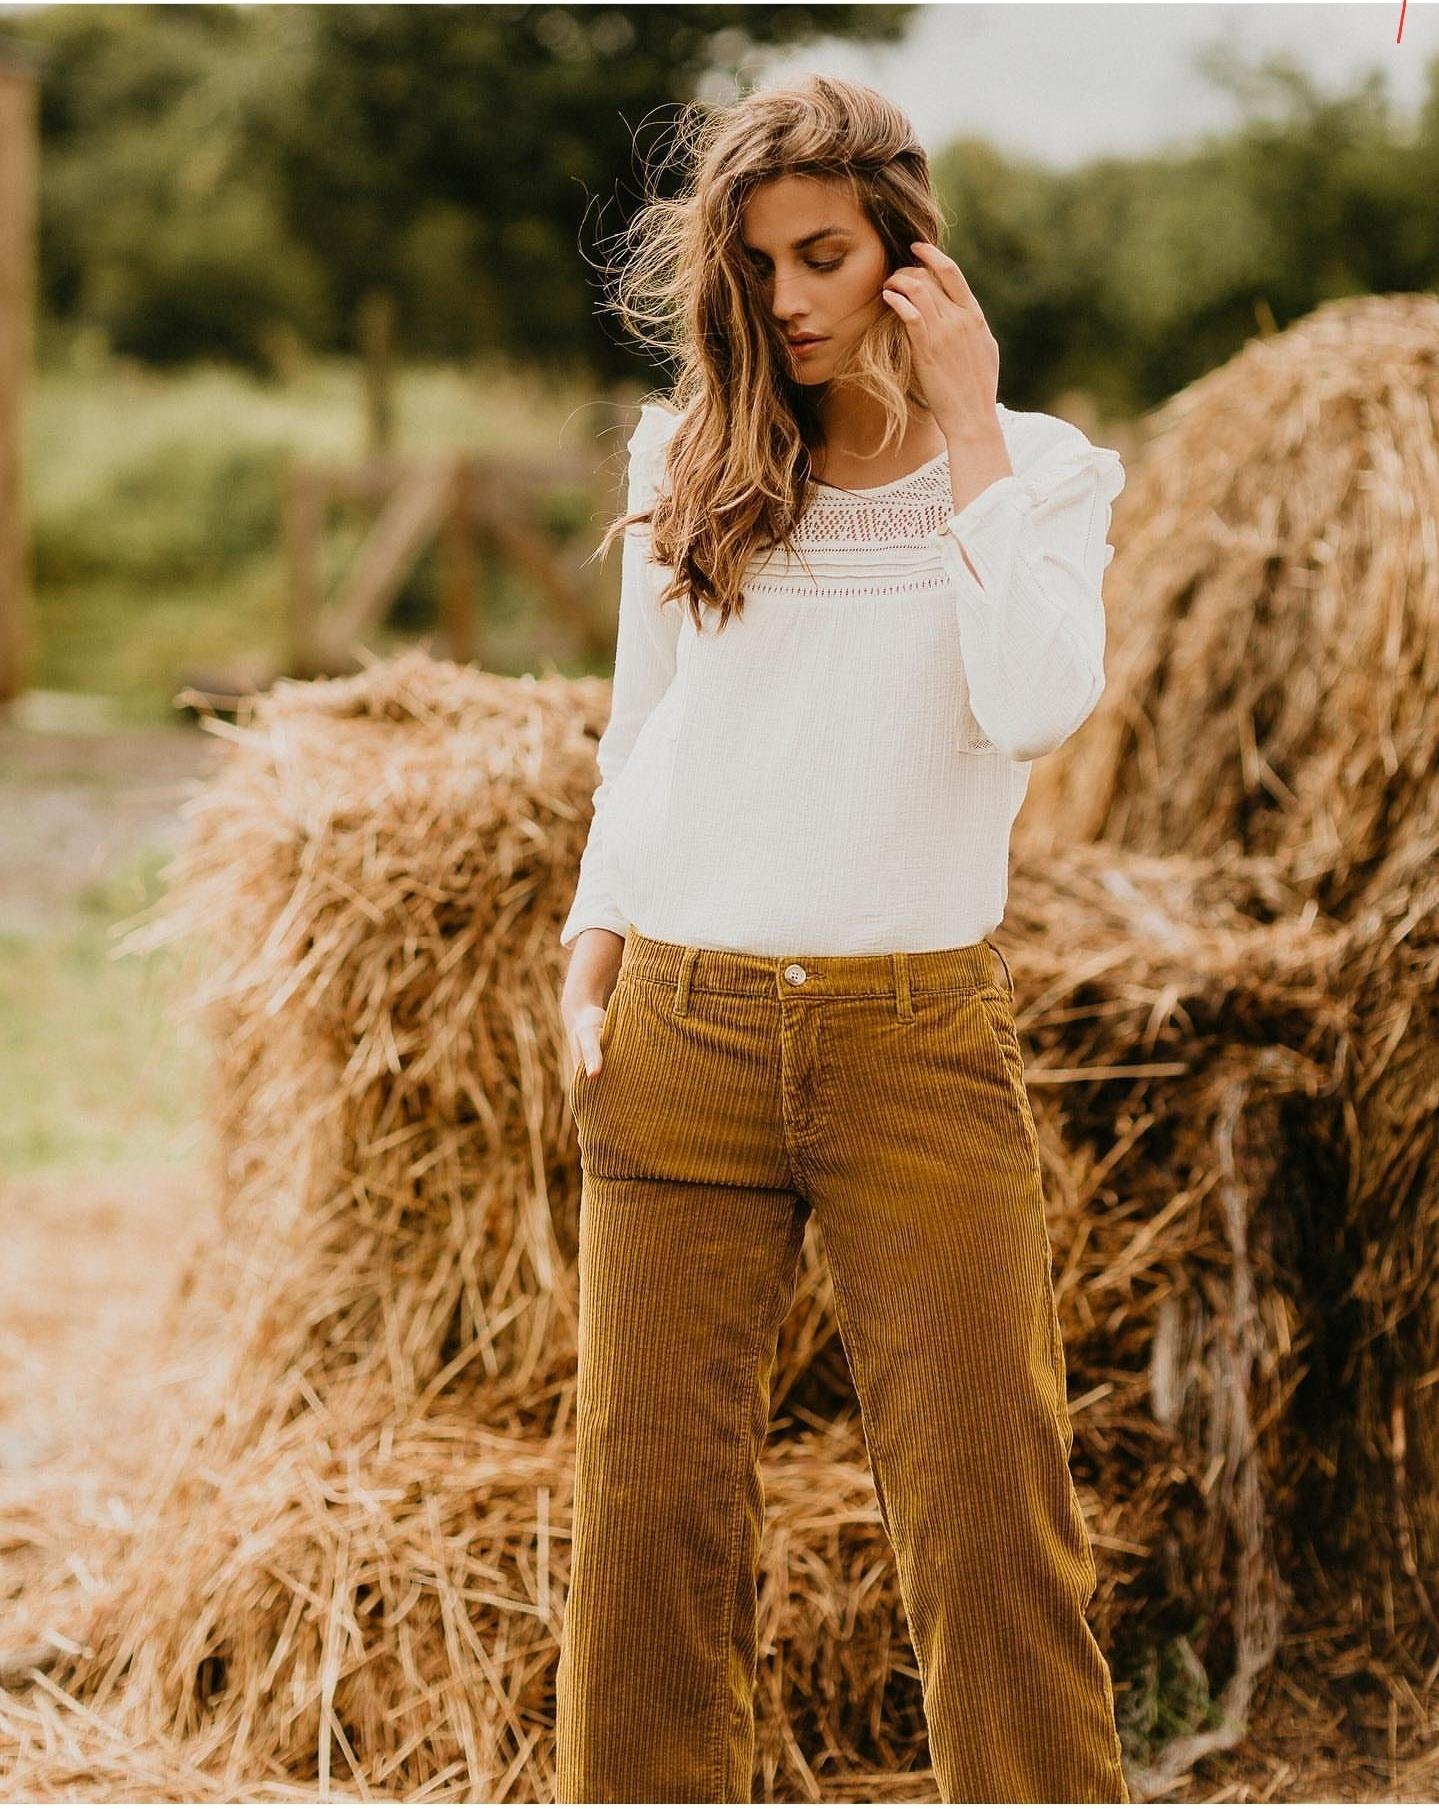 Kleidung im Ibiza-Look – finde das perfekte Outfit für den Sommer